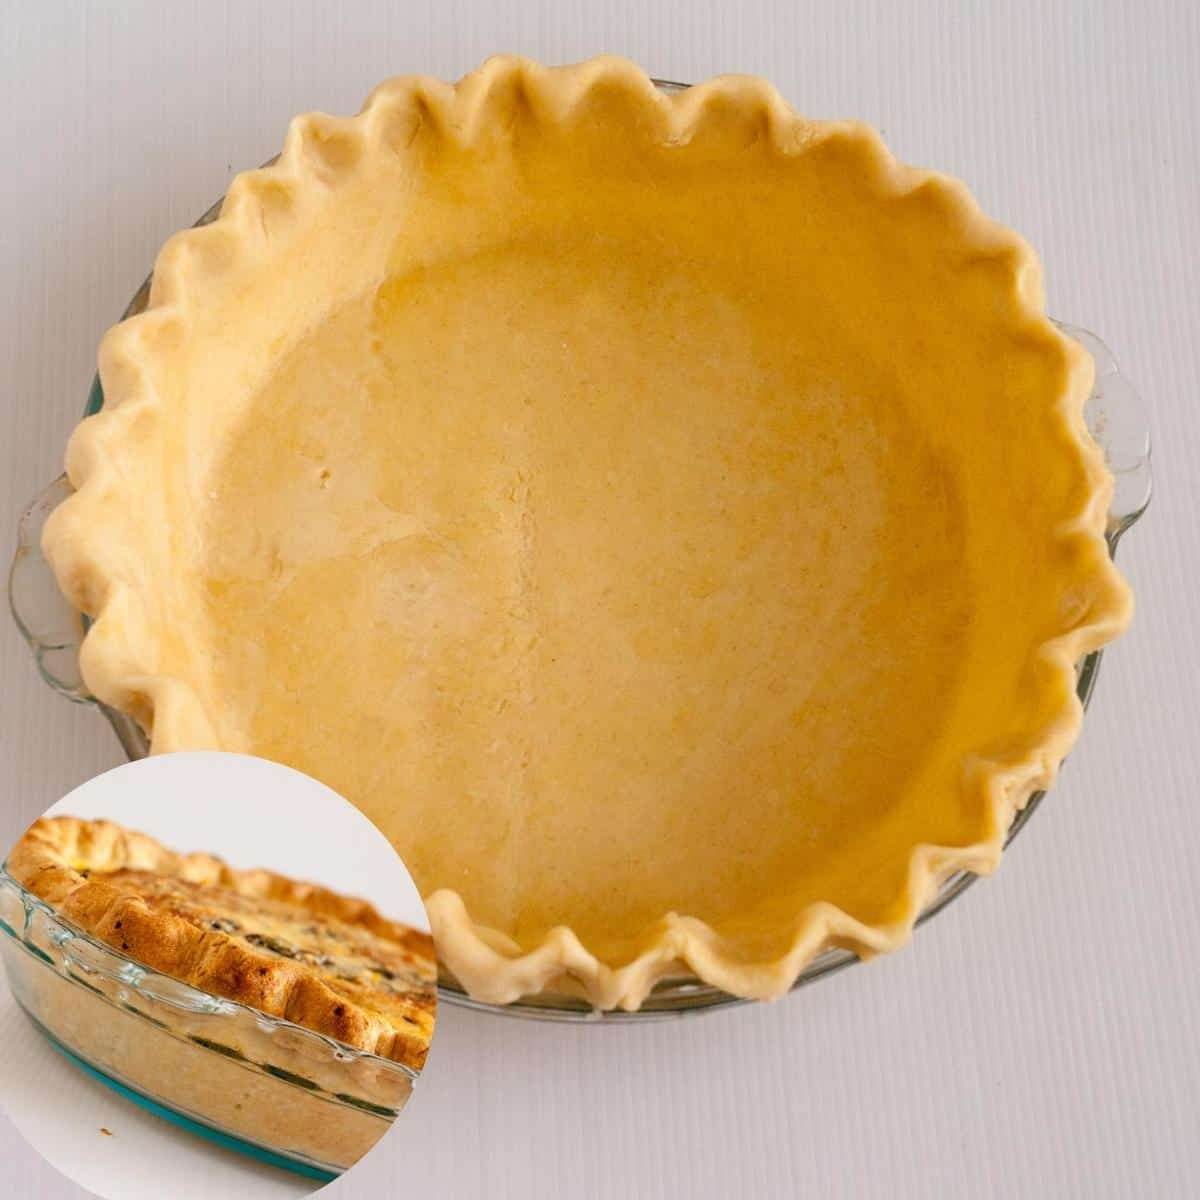 A pie crust.